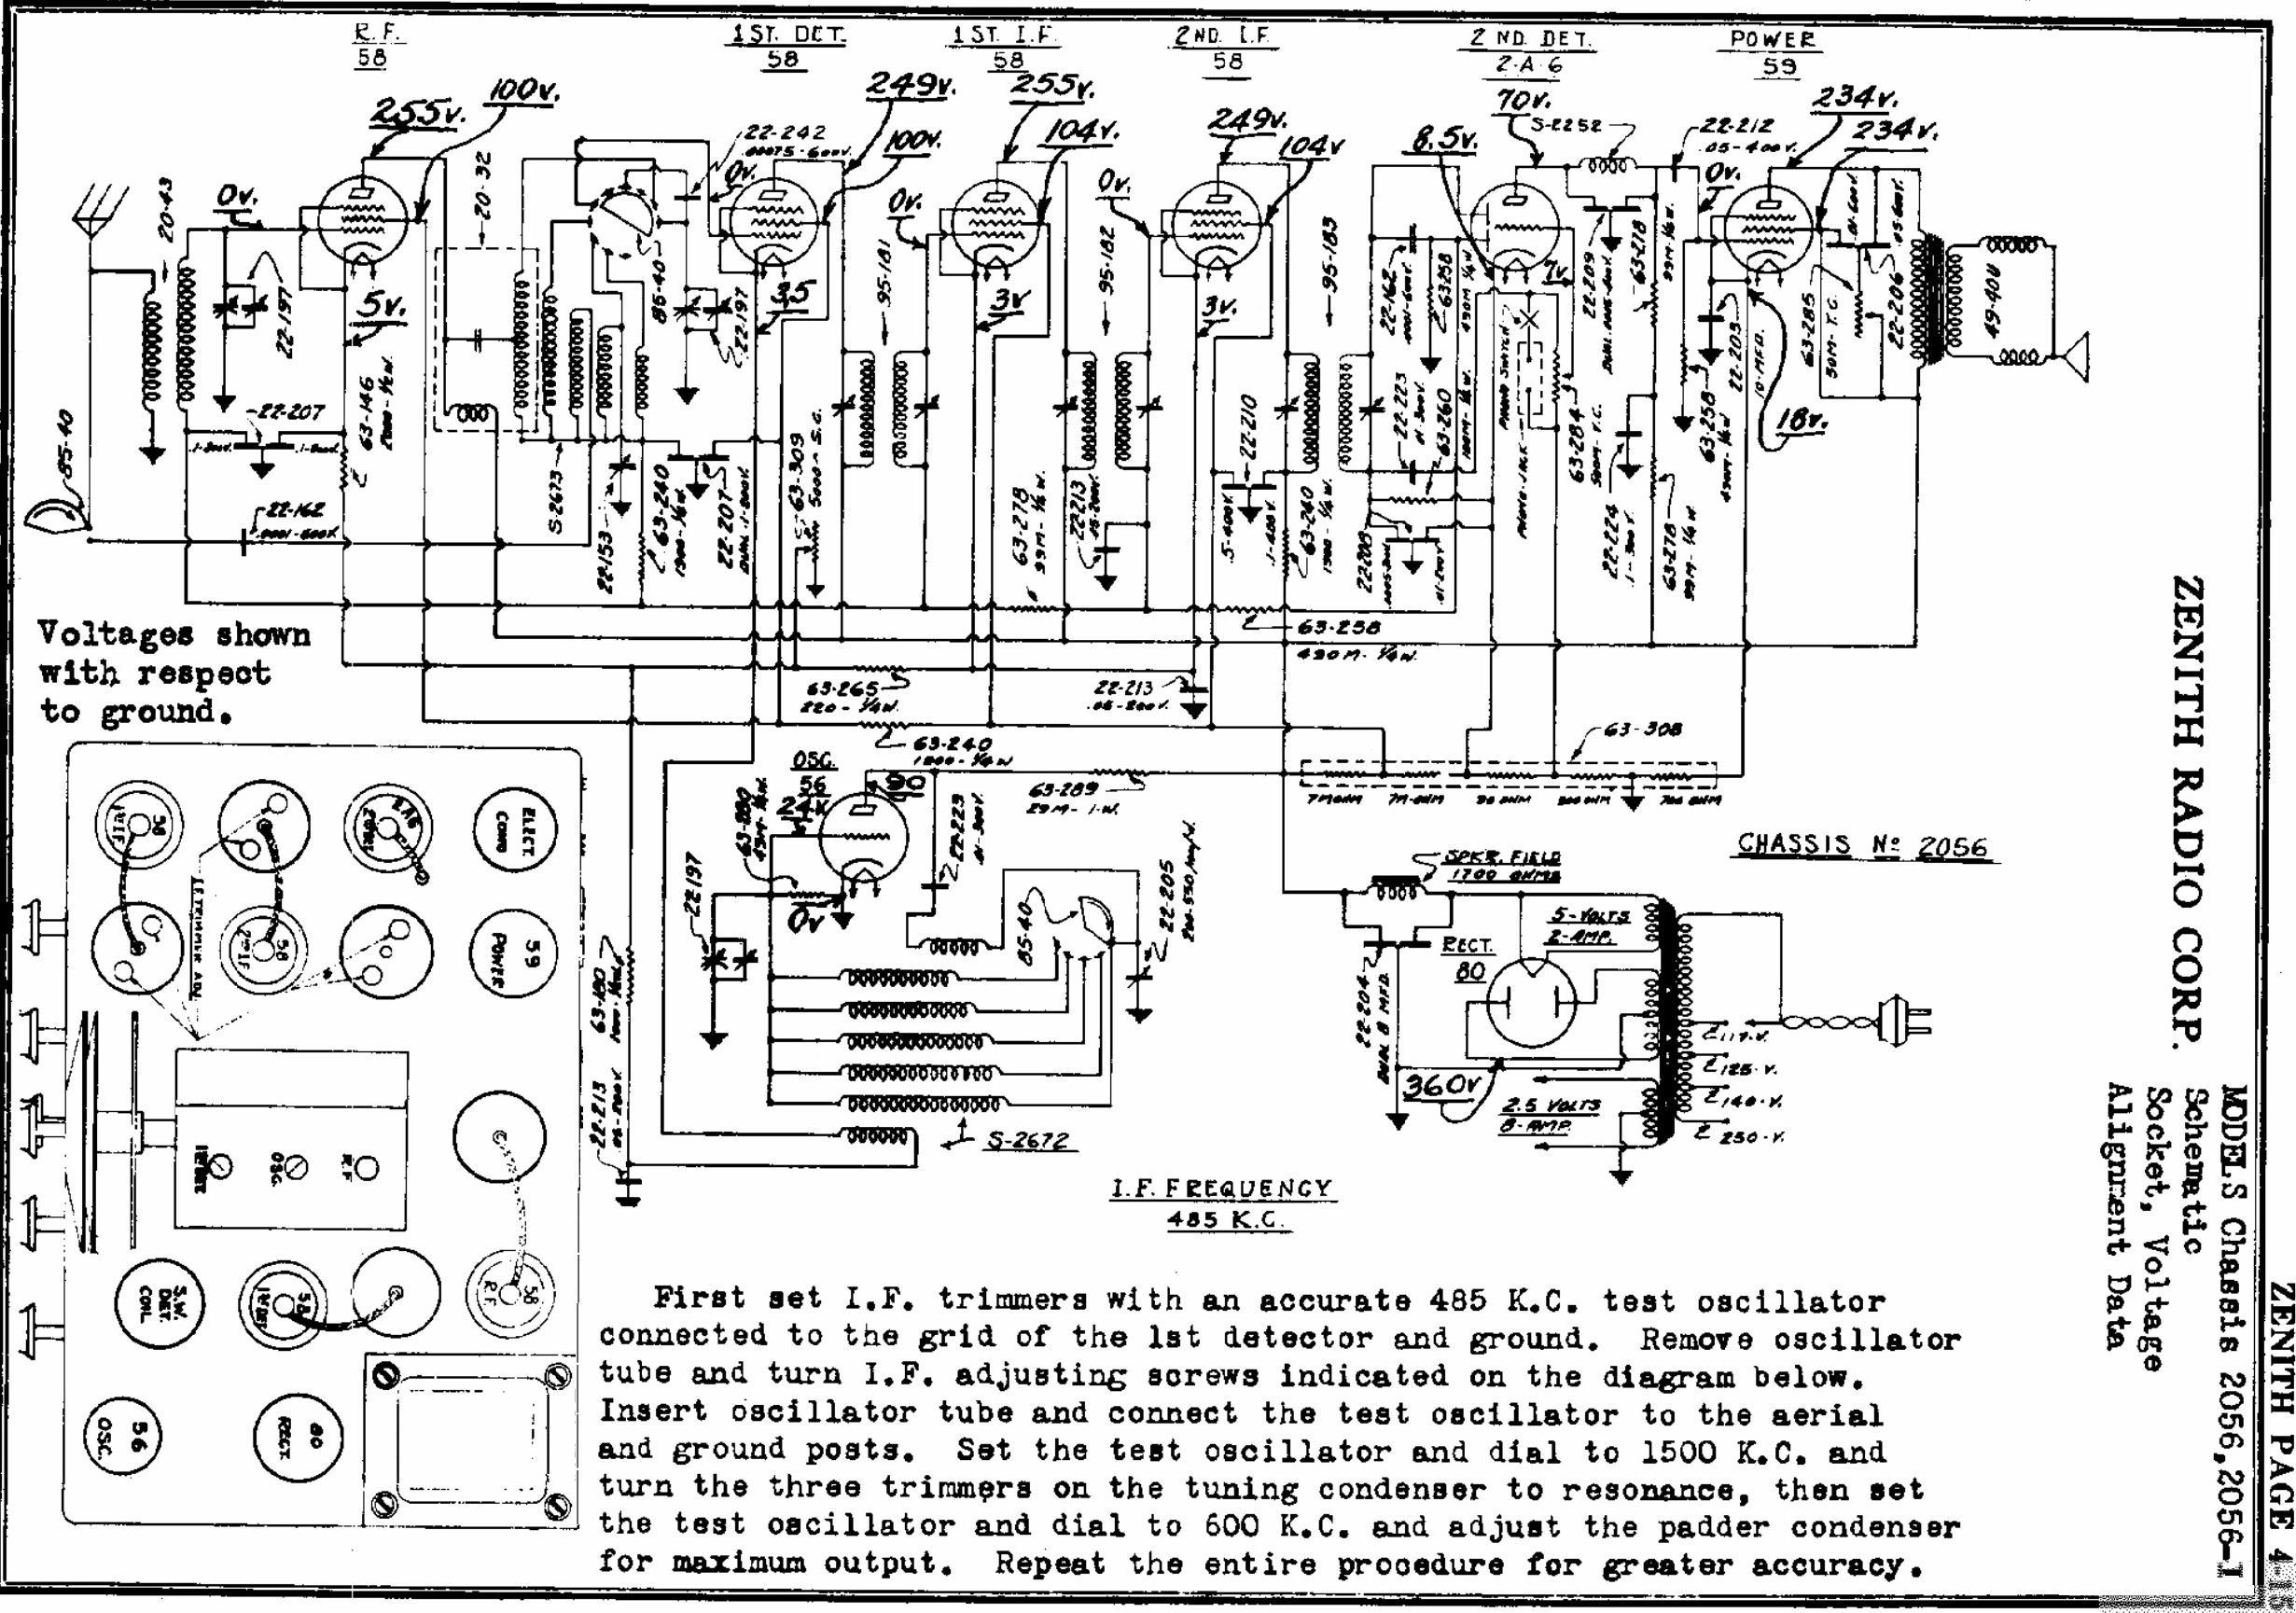 Zenith Model 288 Art Deco Tombstone Tube Radio